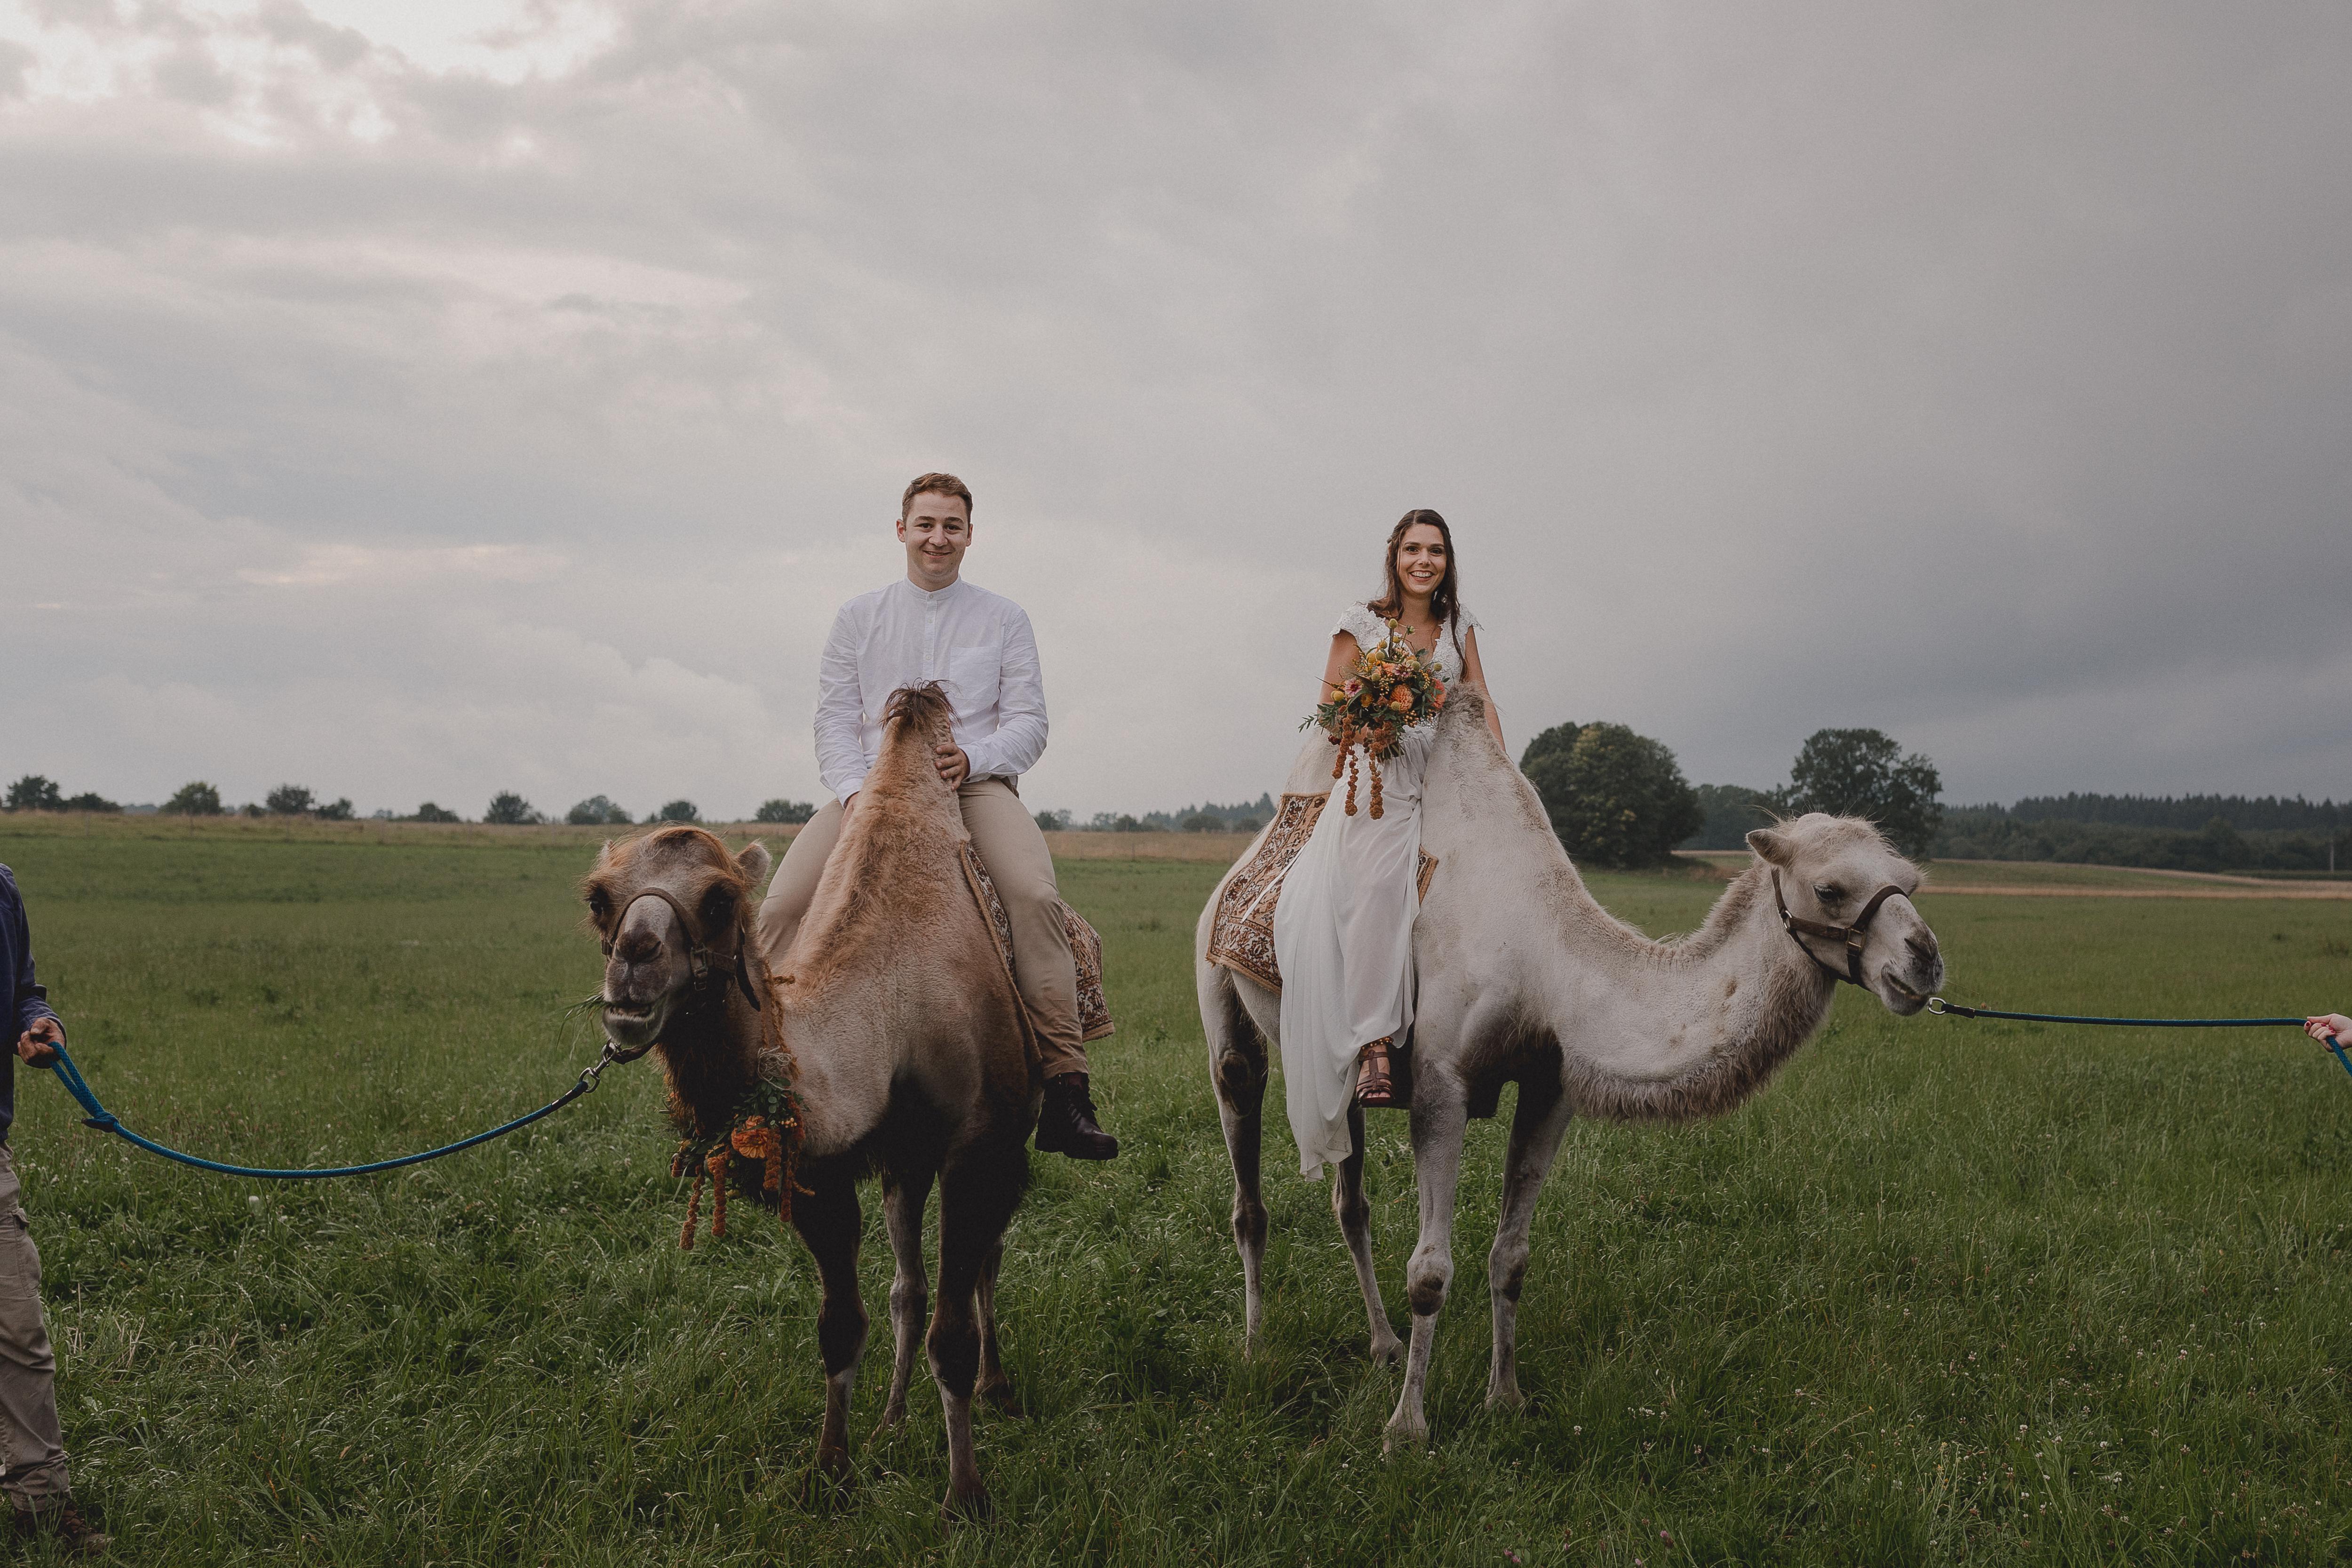 URBANERIE_Daniela_Goth_Vintage_Hochzeitsfotografin_Nuernberg_Fuerth_Erlangen_180721_0202